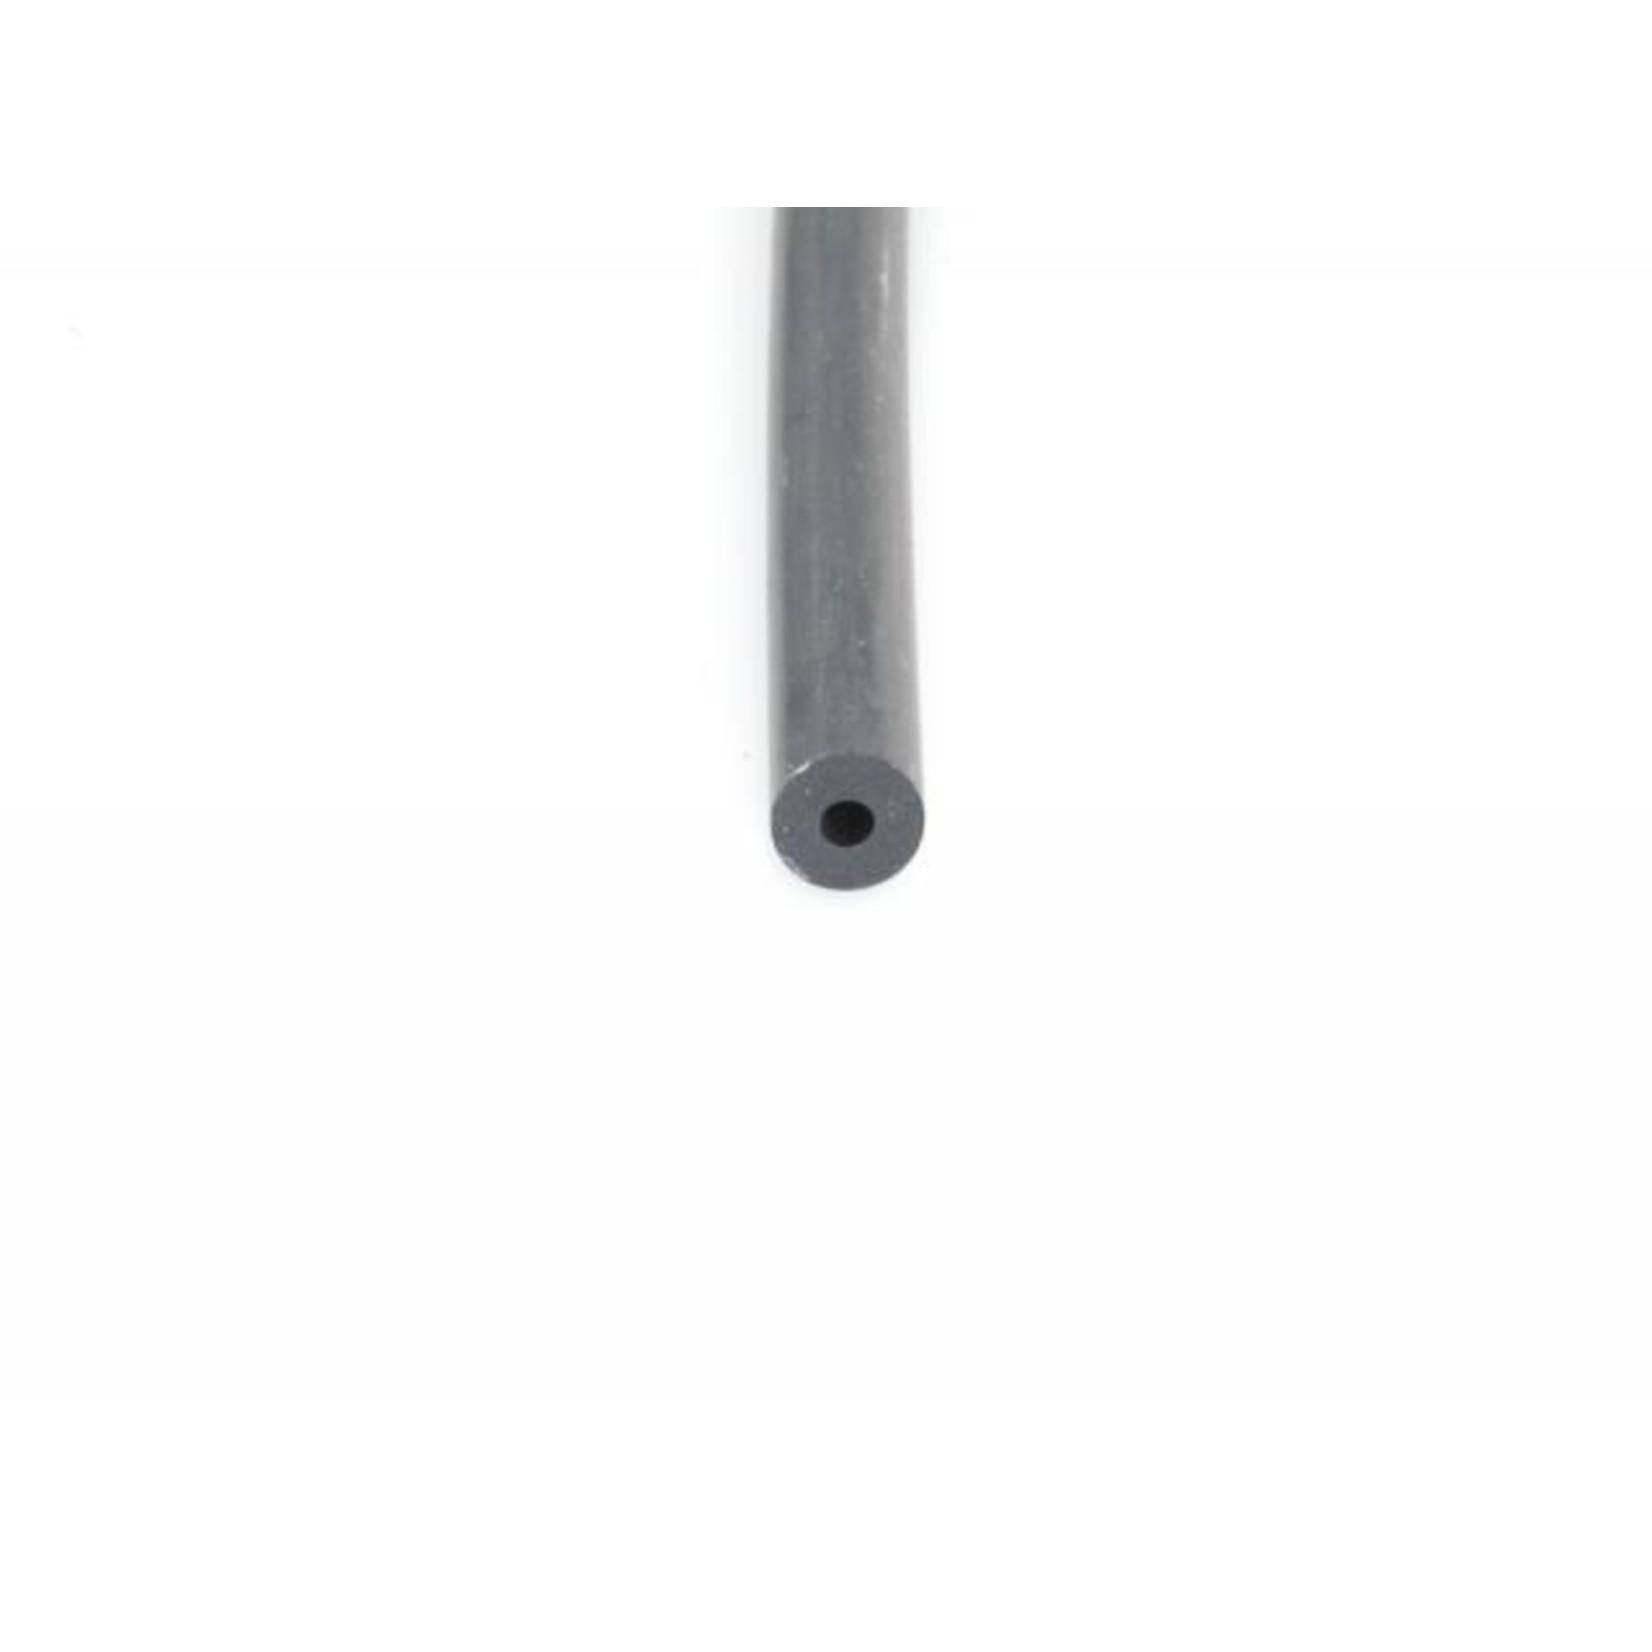 Tube retour caoutchouc LHM 3 x 8mm Nr Org: DVN394157